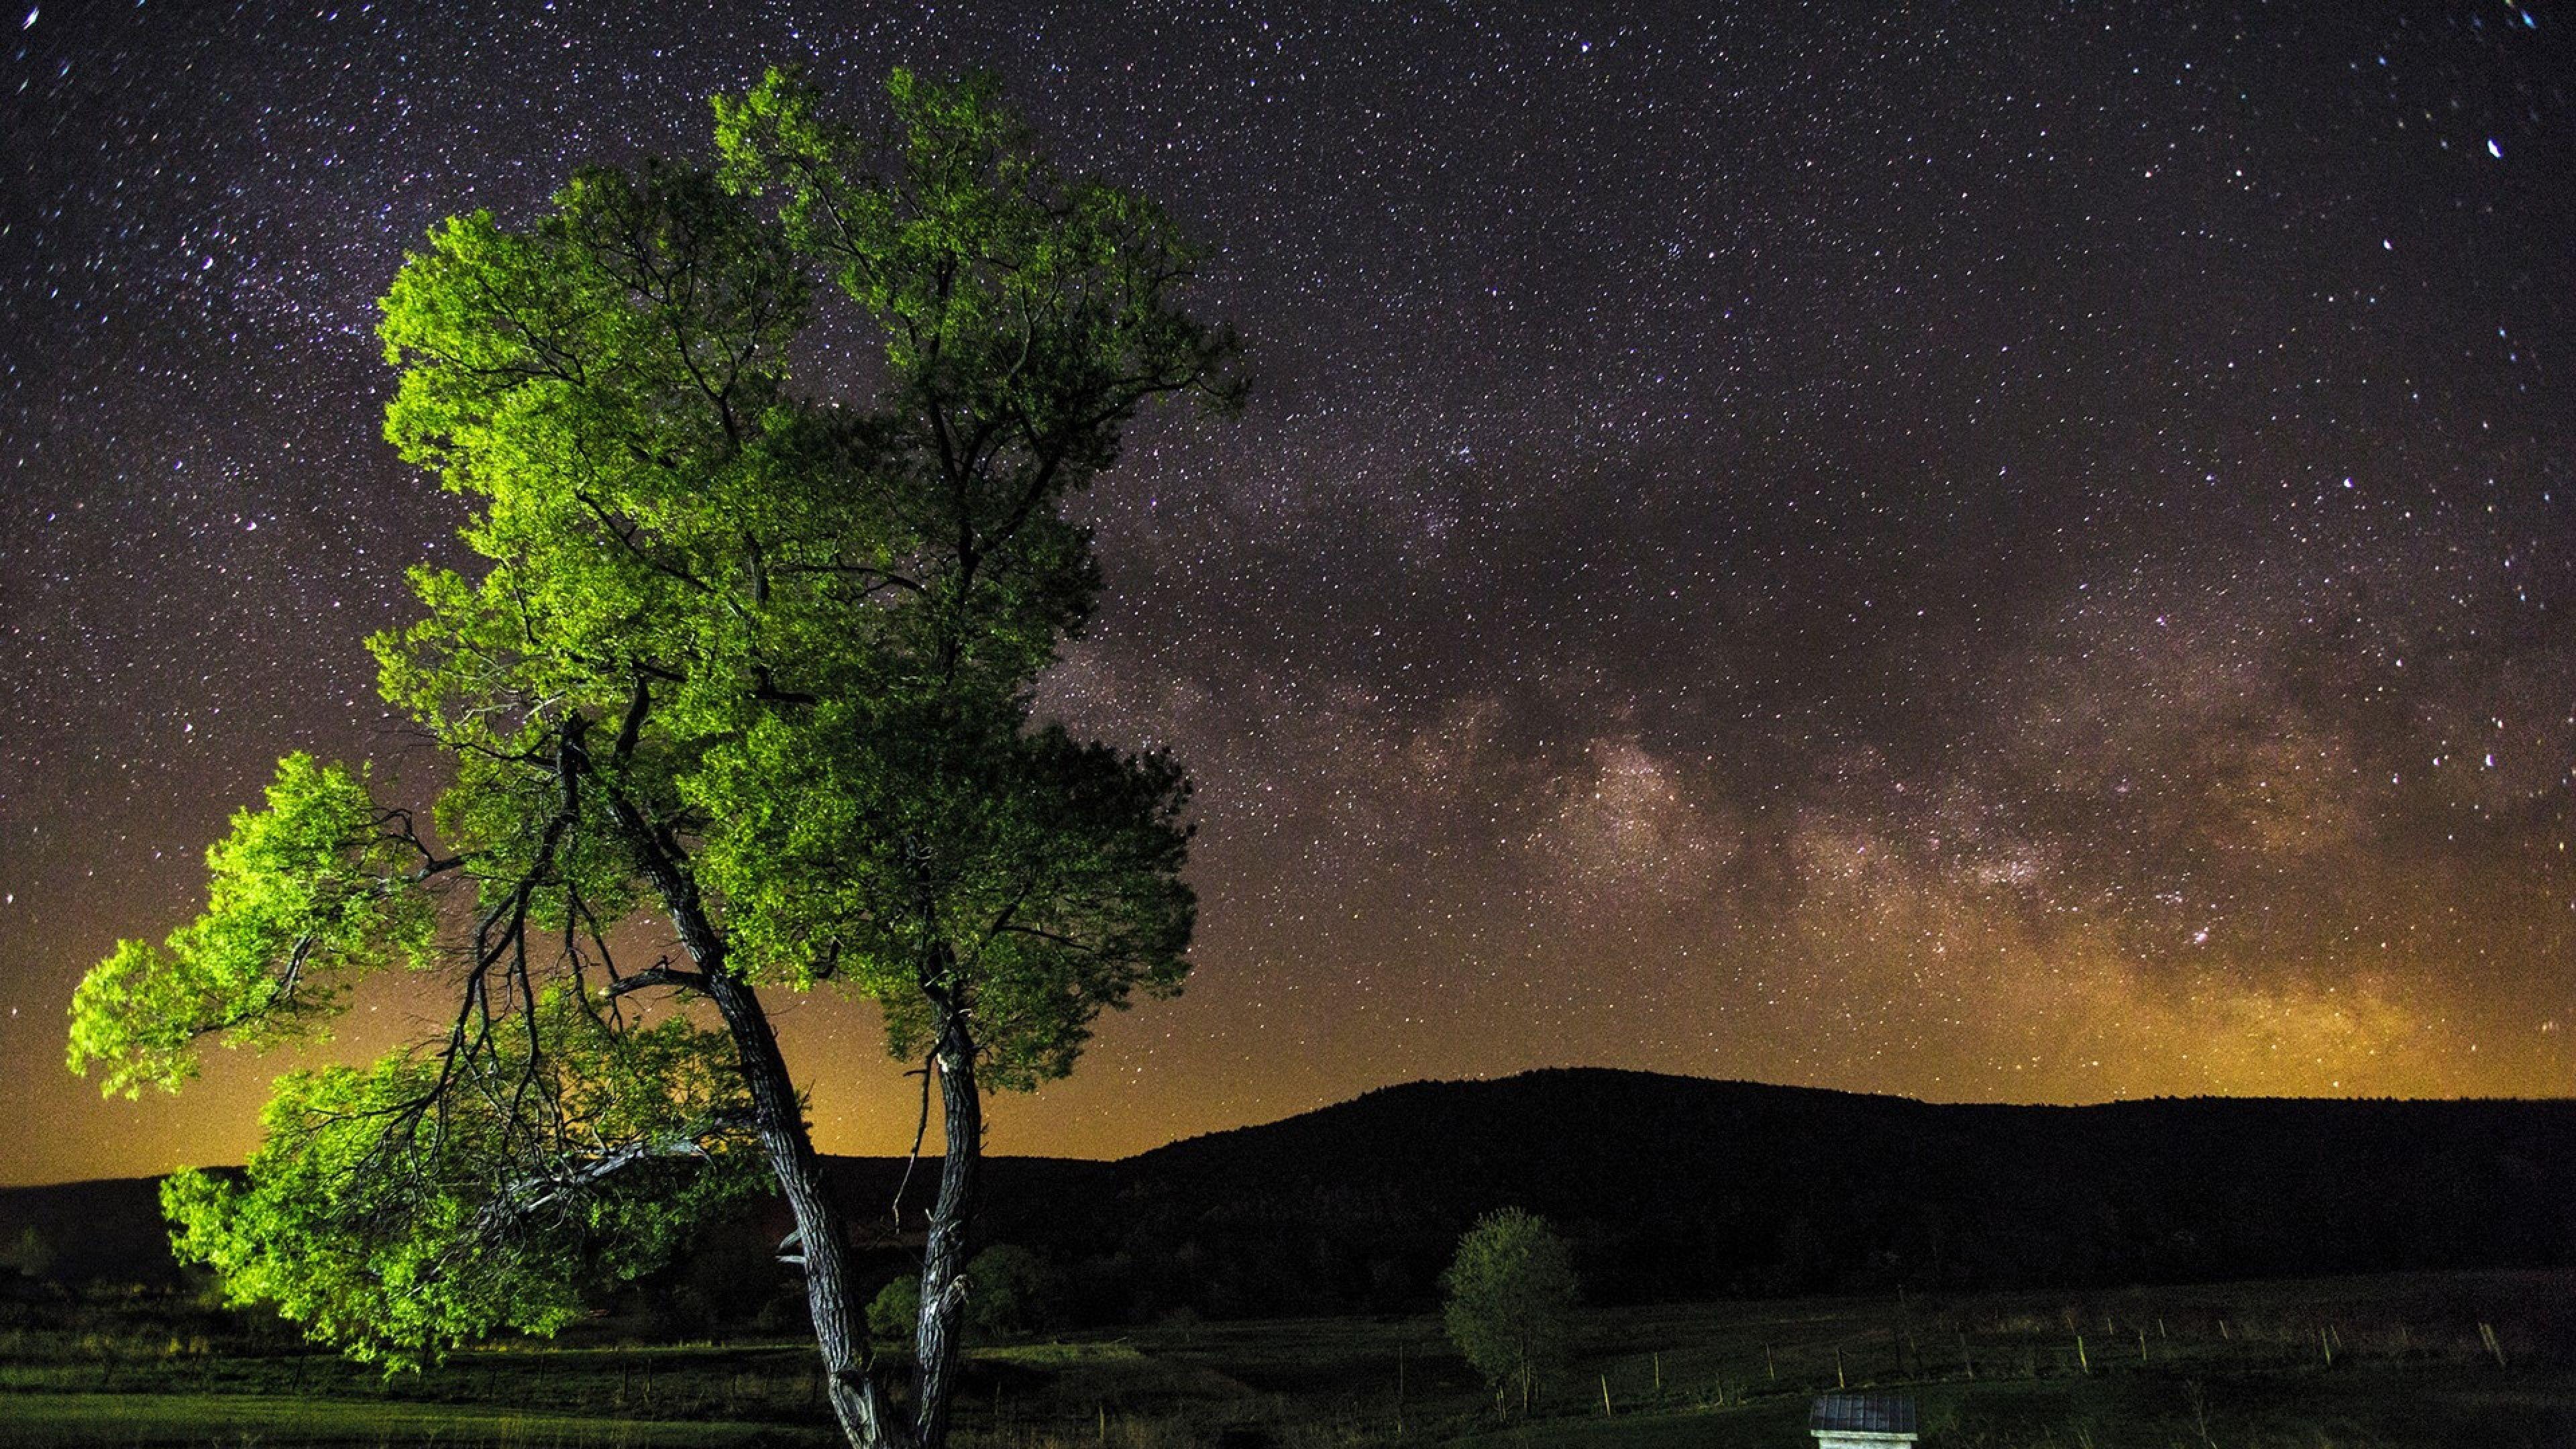 Night Landscape Wallpaper Mobile Juz Earth Wallpaper